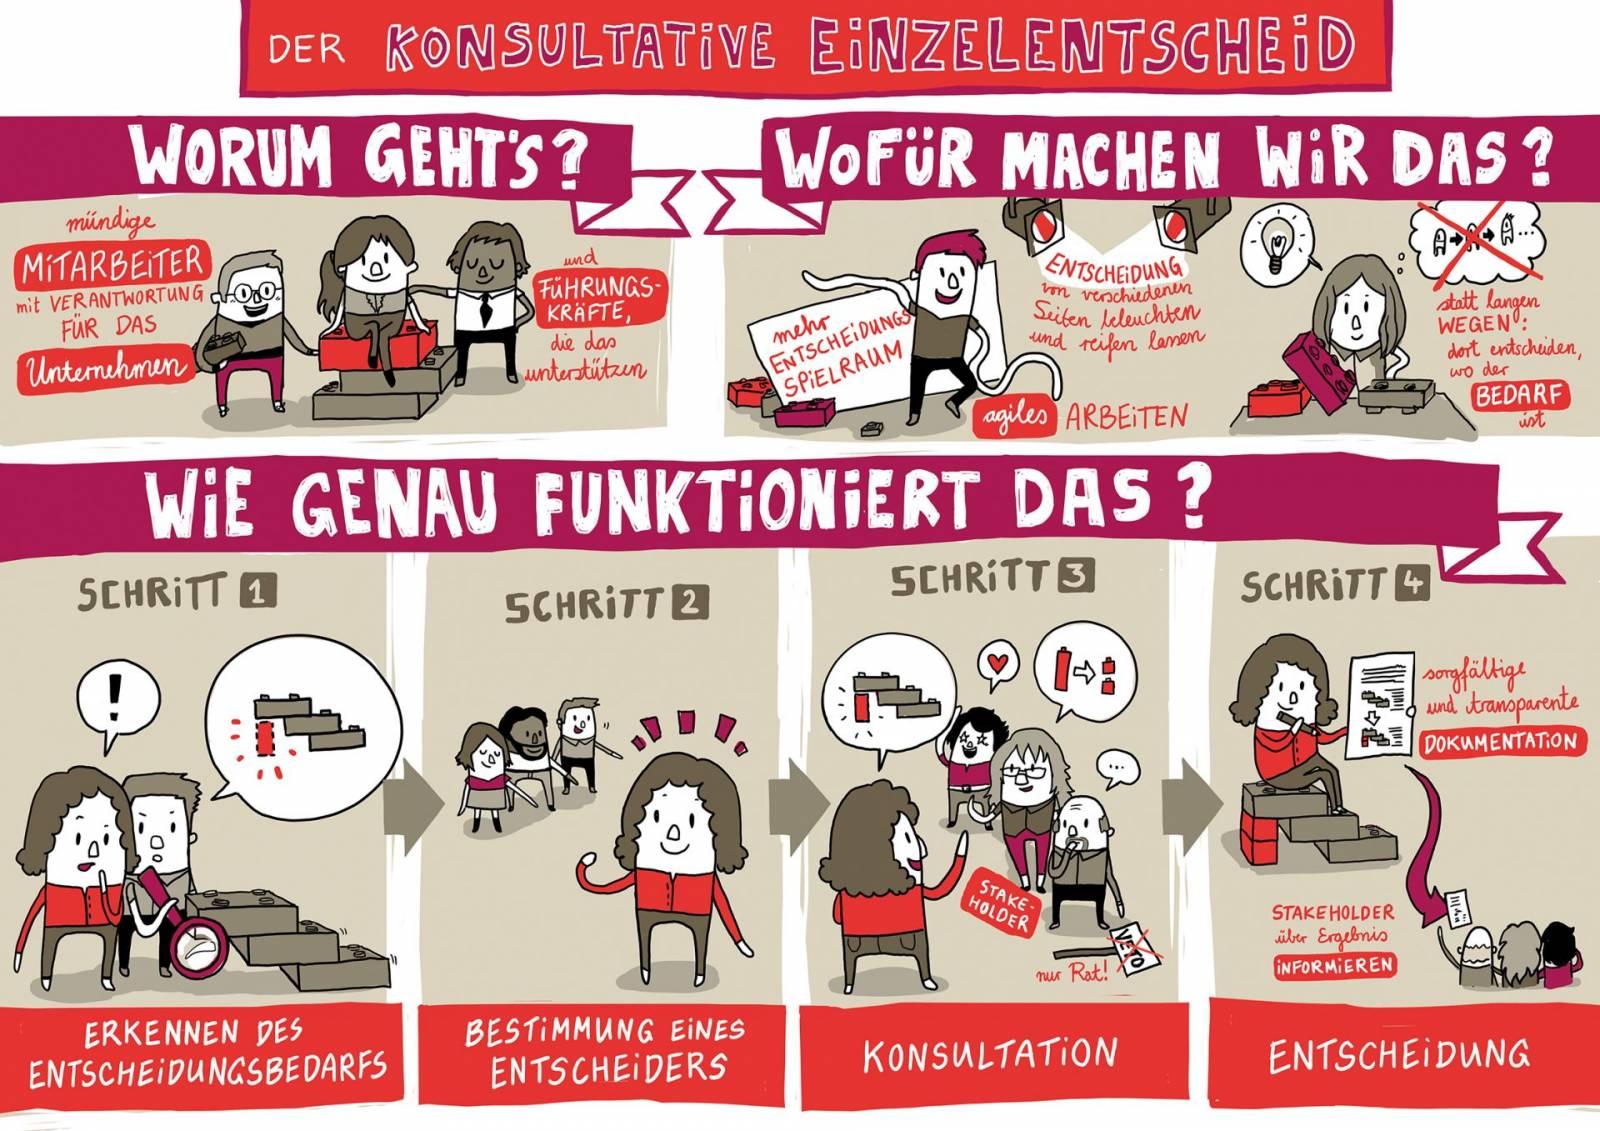 Konsultativer Einzelentscheid Infografik Poster